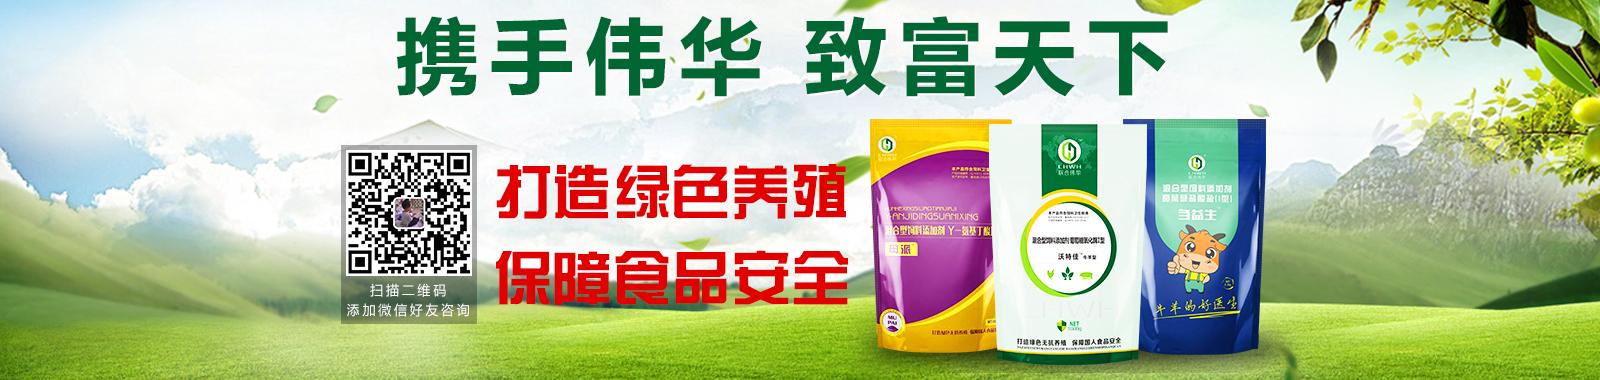 河南联合伟华农牧科技有限公司